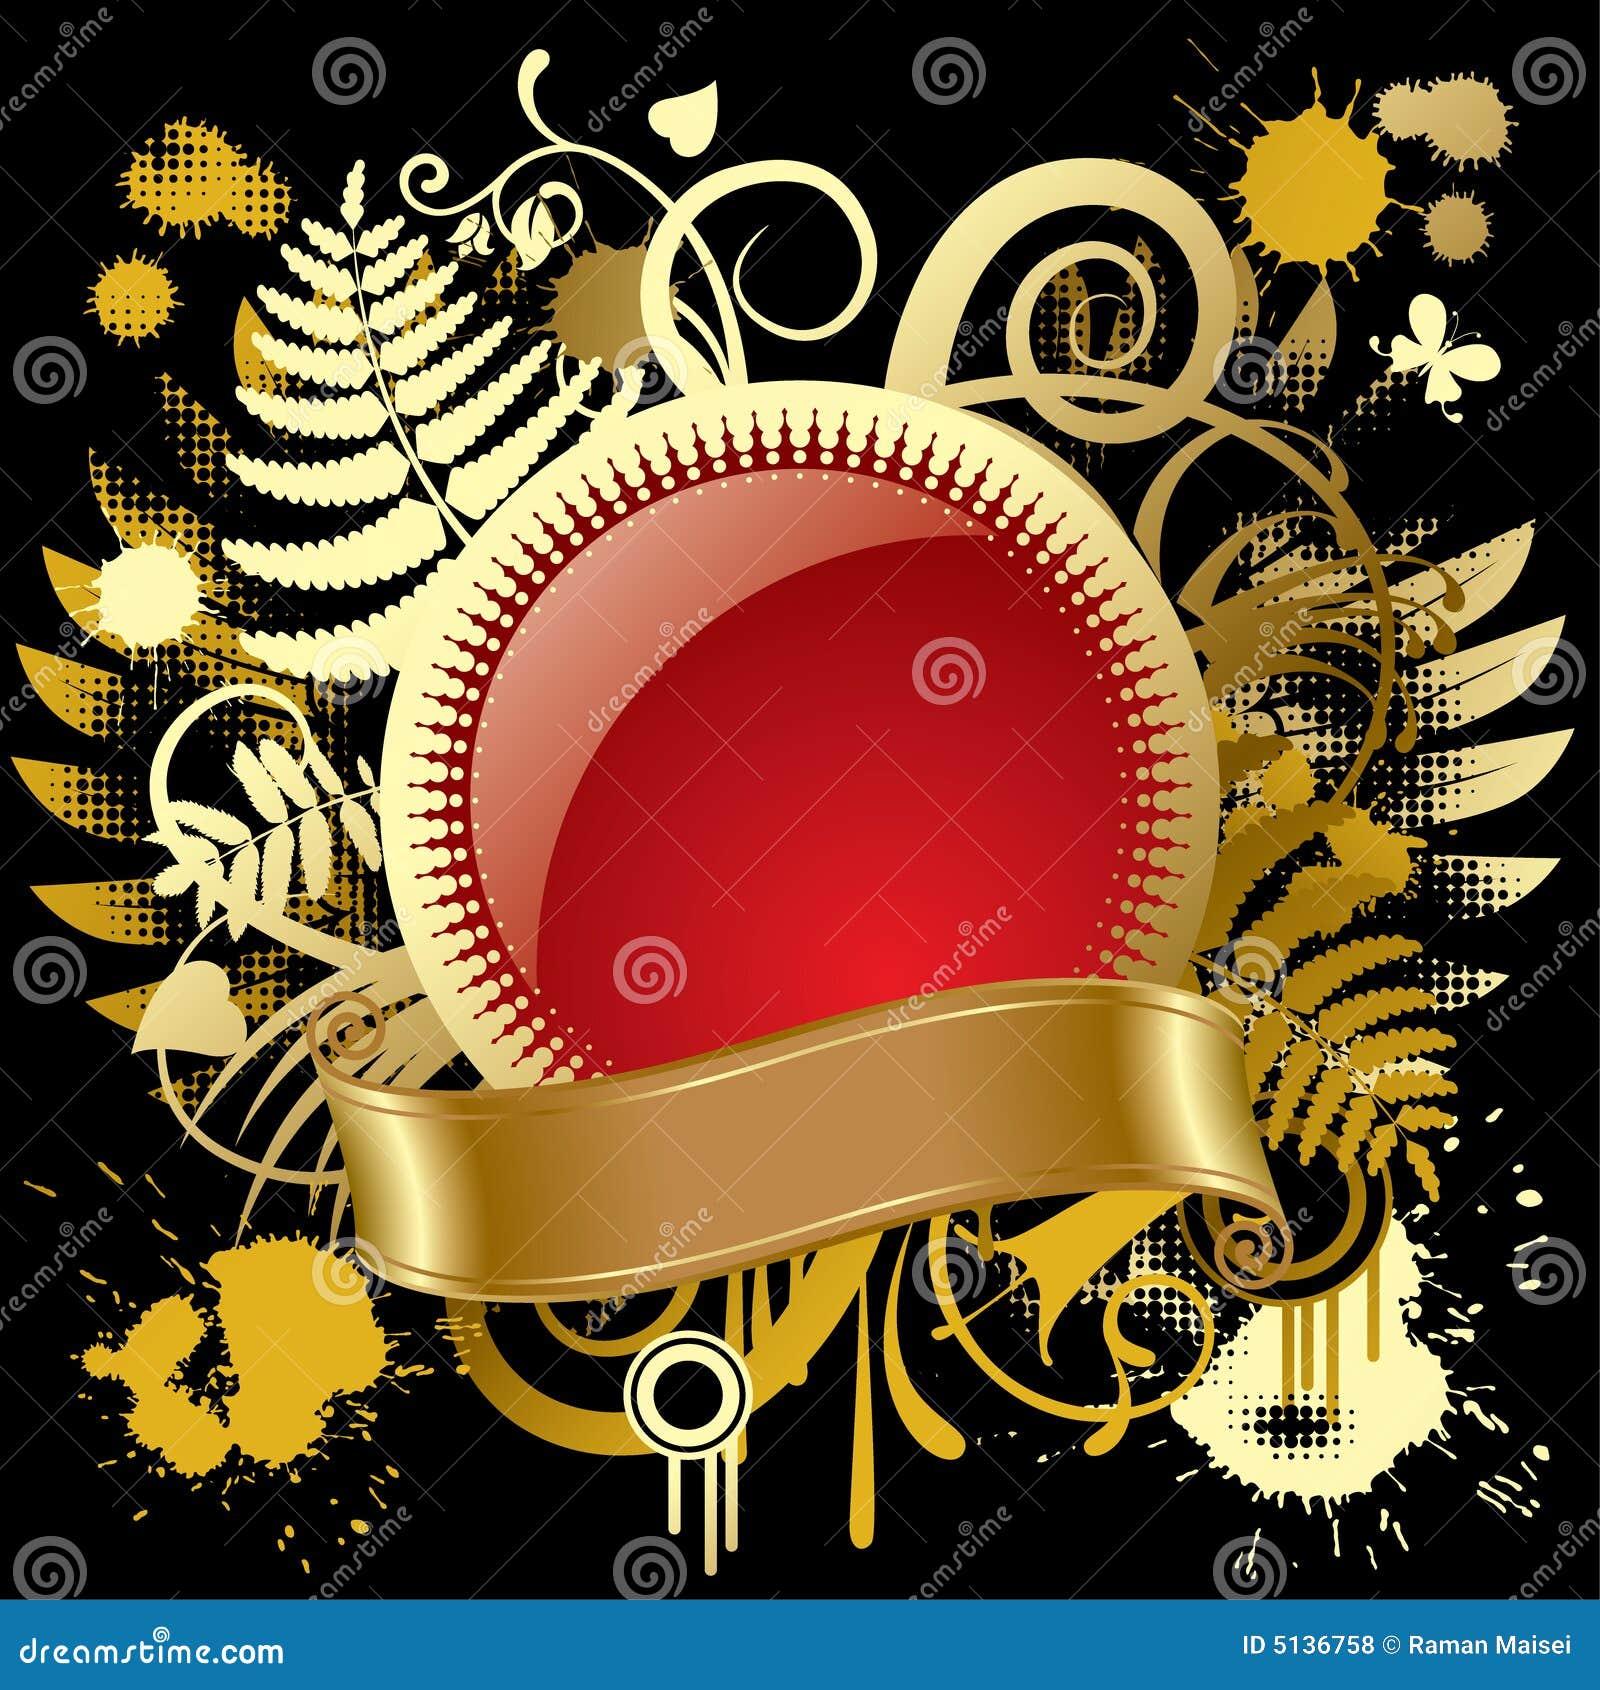 Round gold banner